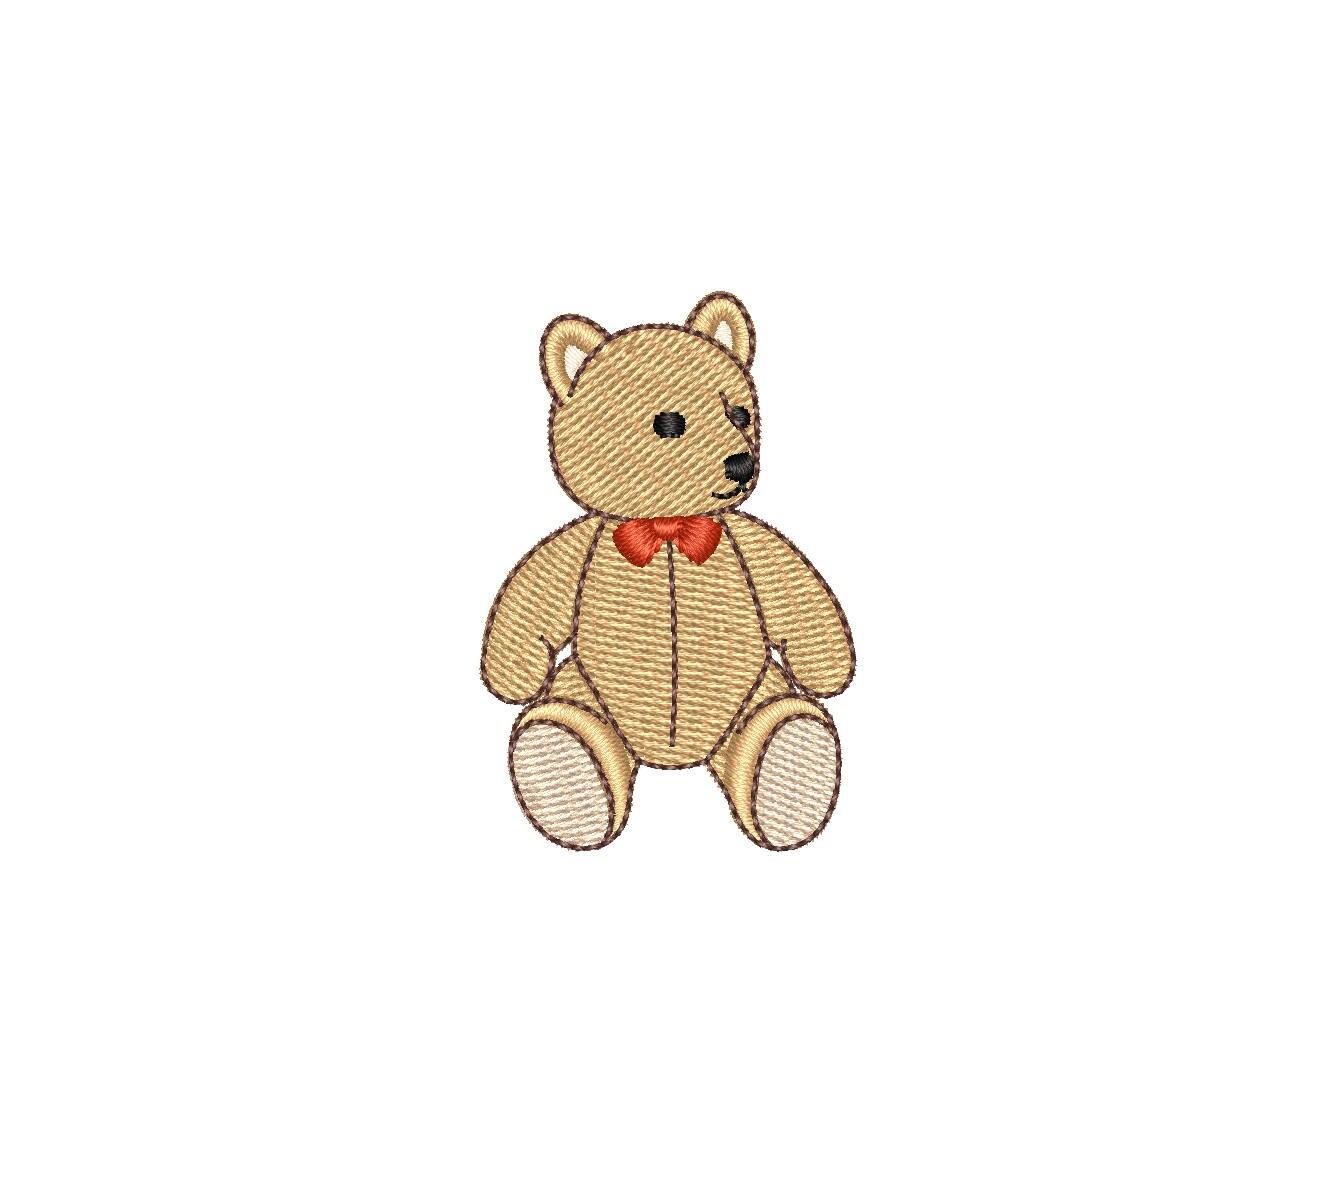 Mini Vintage Teddybär Maschinenstickerei Design.